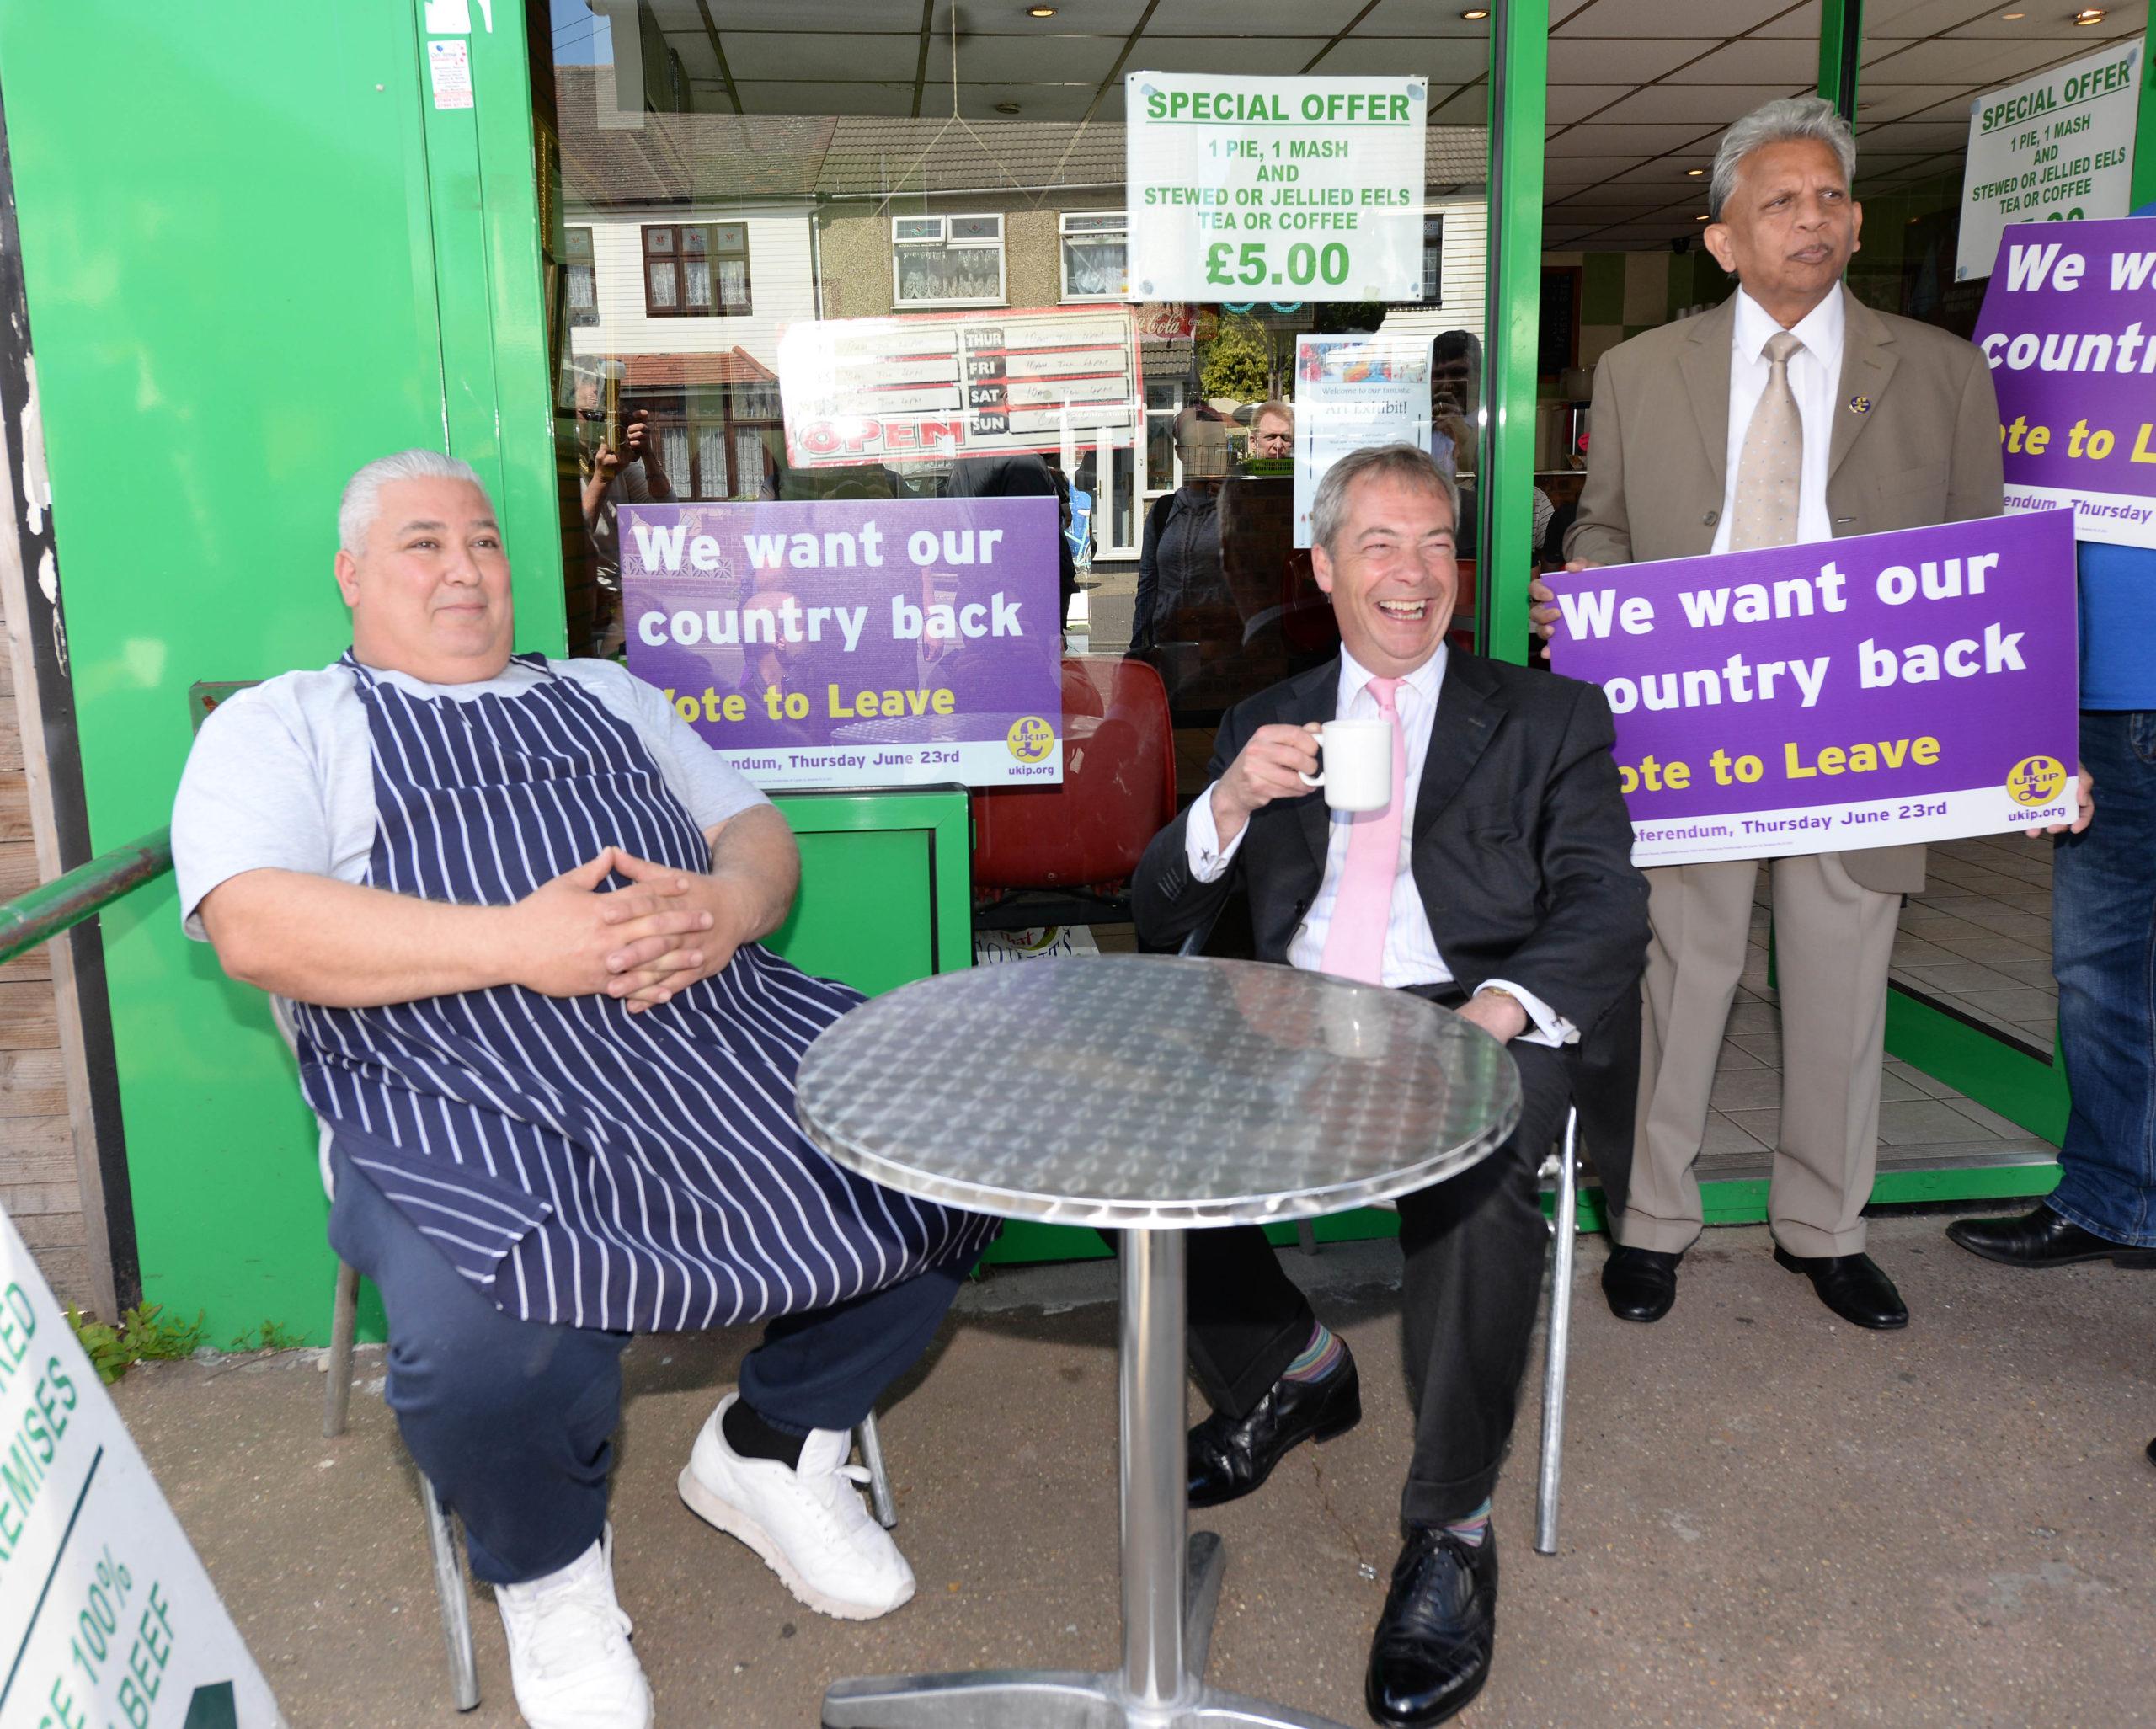 UKIP-johtaja Nigel Farage (keskellä) puhui paikallisille EU-eron puolesta toukokuussa Lontoon itäpuolella Dagenhamissa. KUVA: ALL OVER PRESS/SPLASHNEWS/STEVE FINN